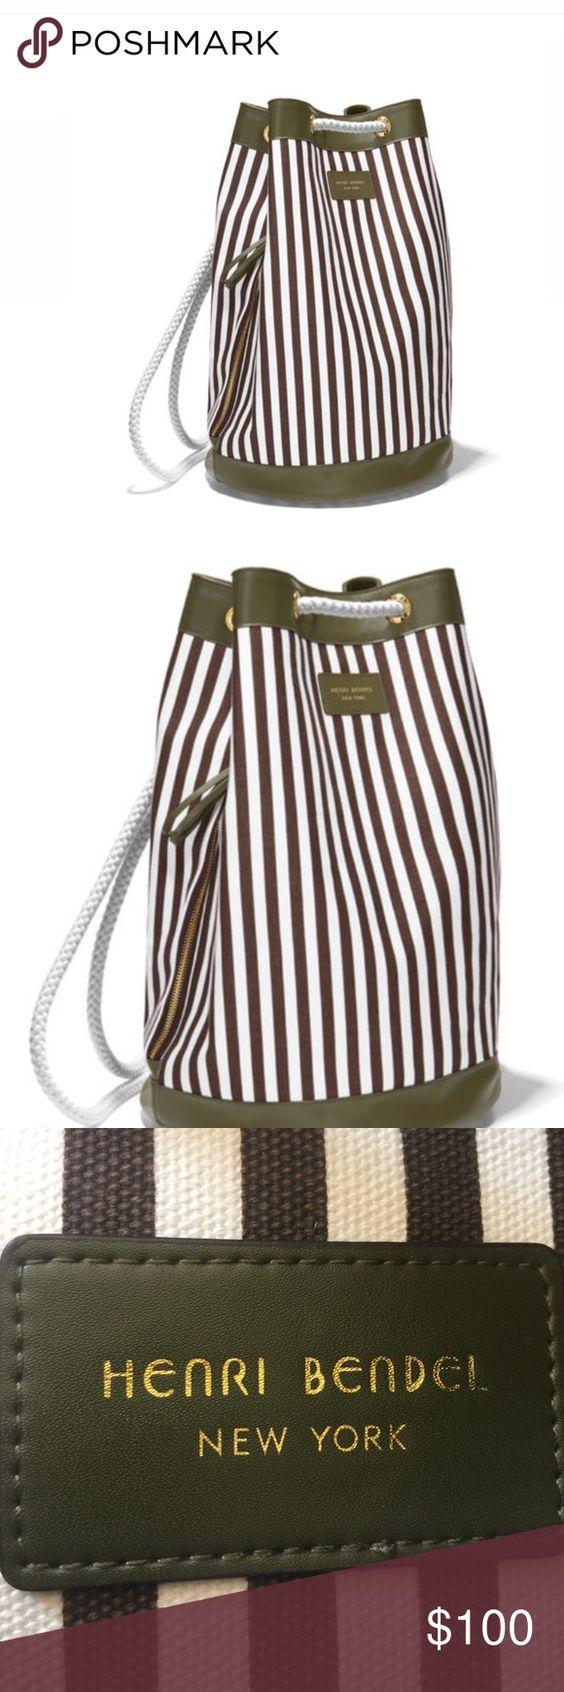 Henri Bendel Canvas Backpack Henri Bendel Olive Green and White canvas backpack.  BRAND NEW. henri bendel Bags Backpacks